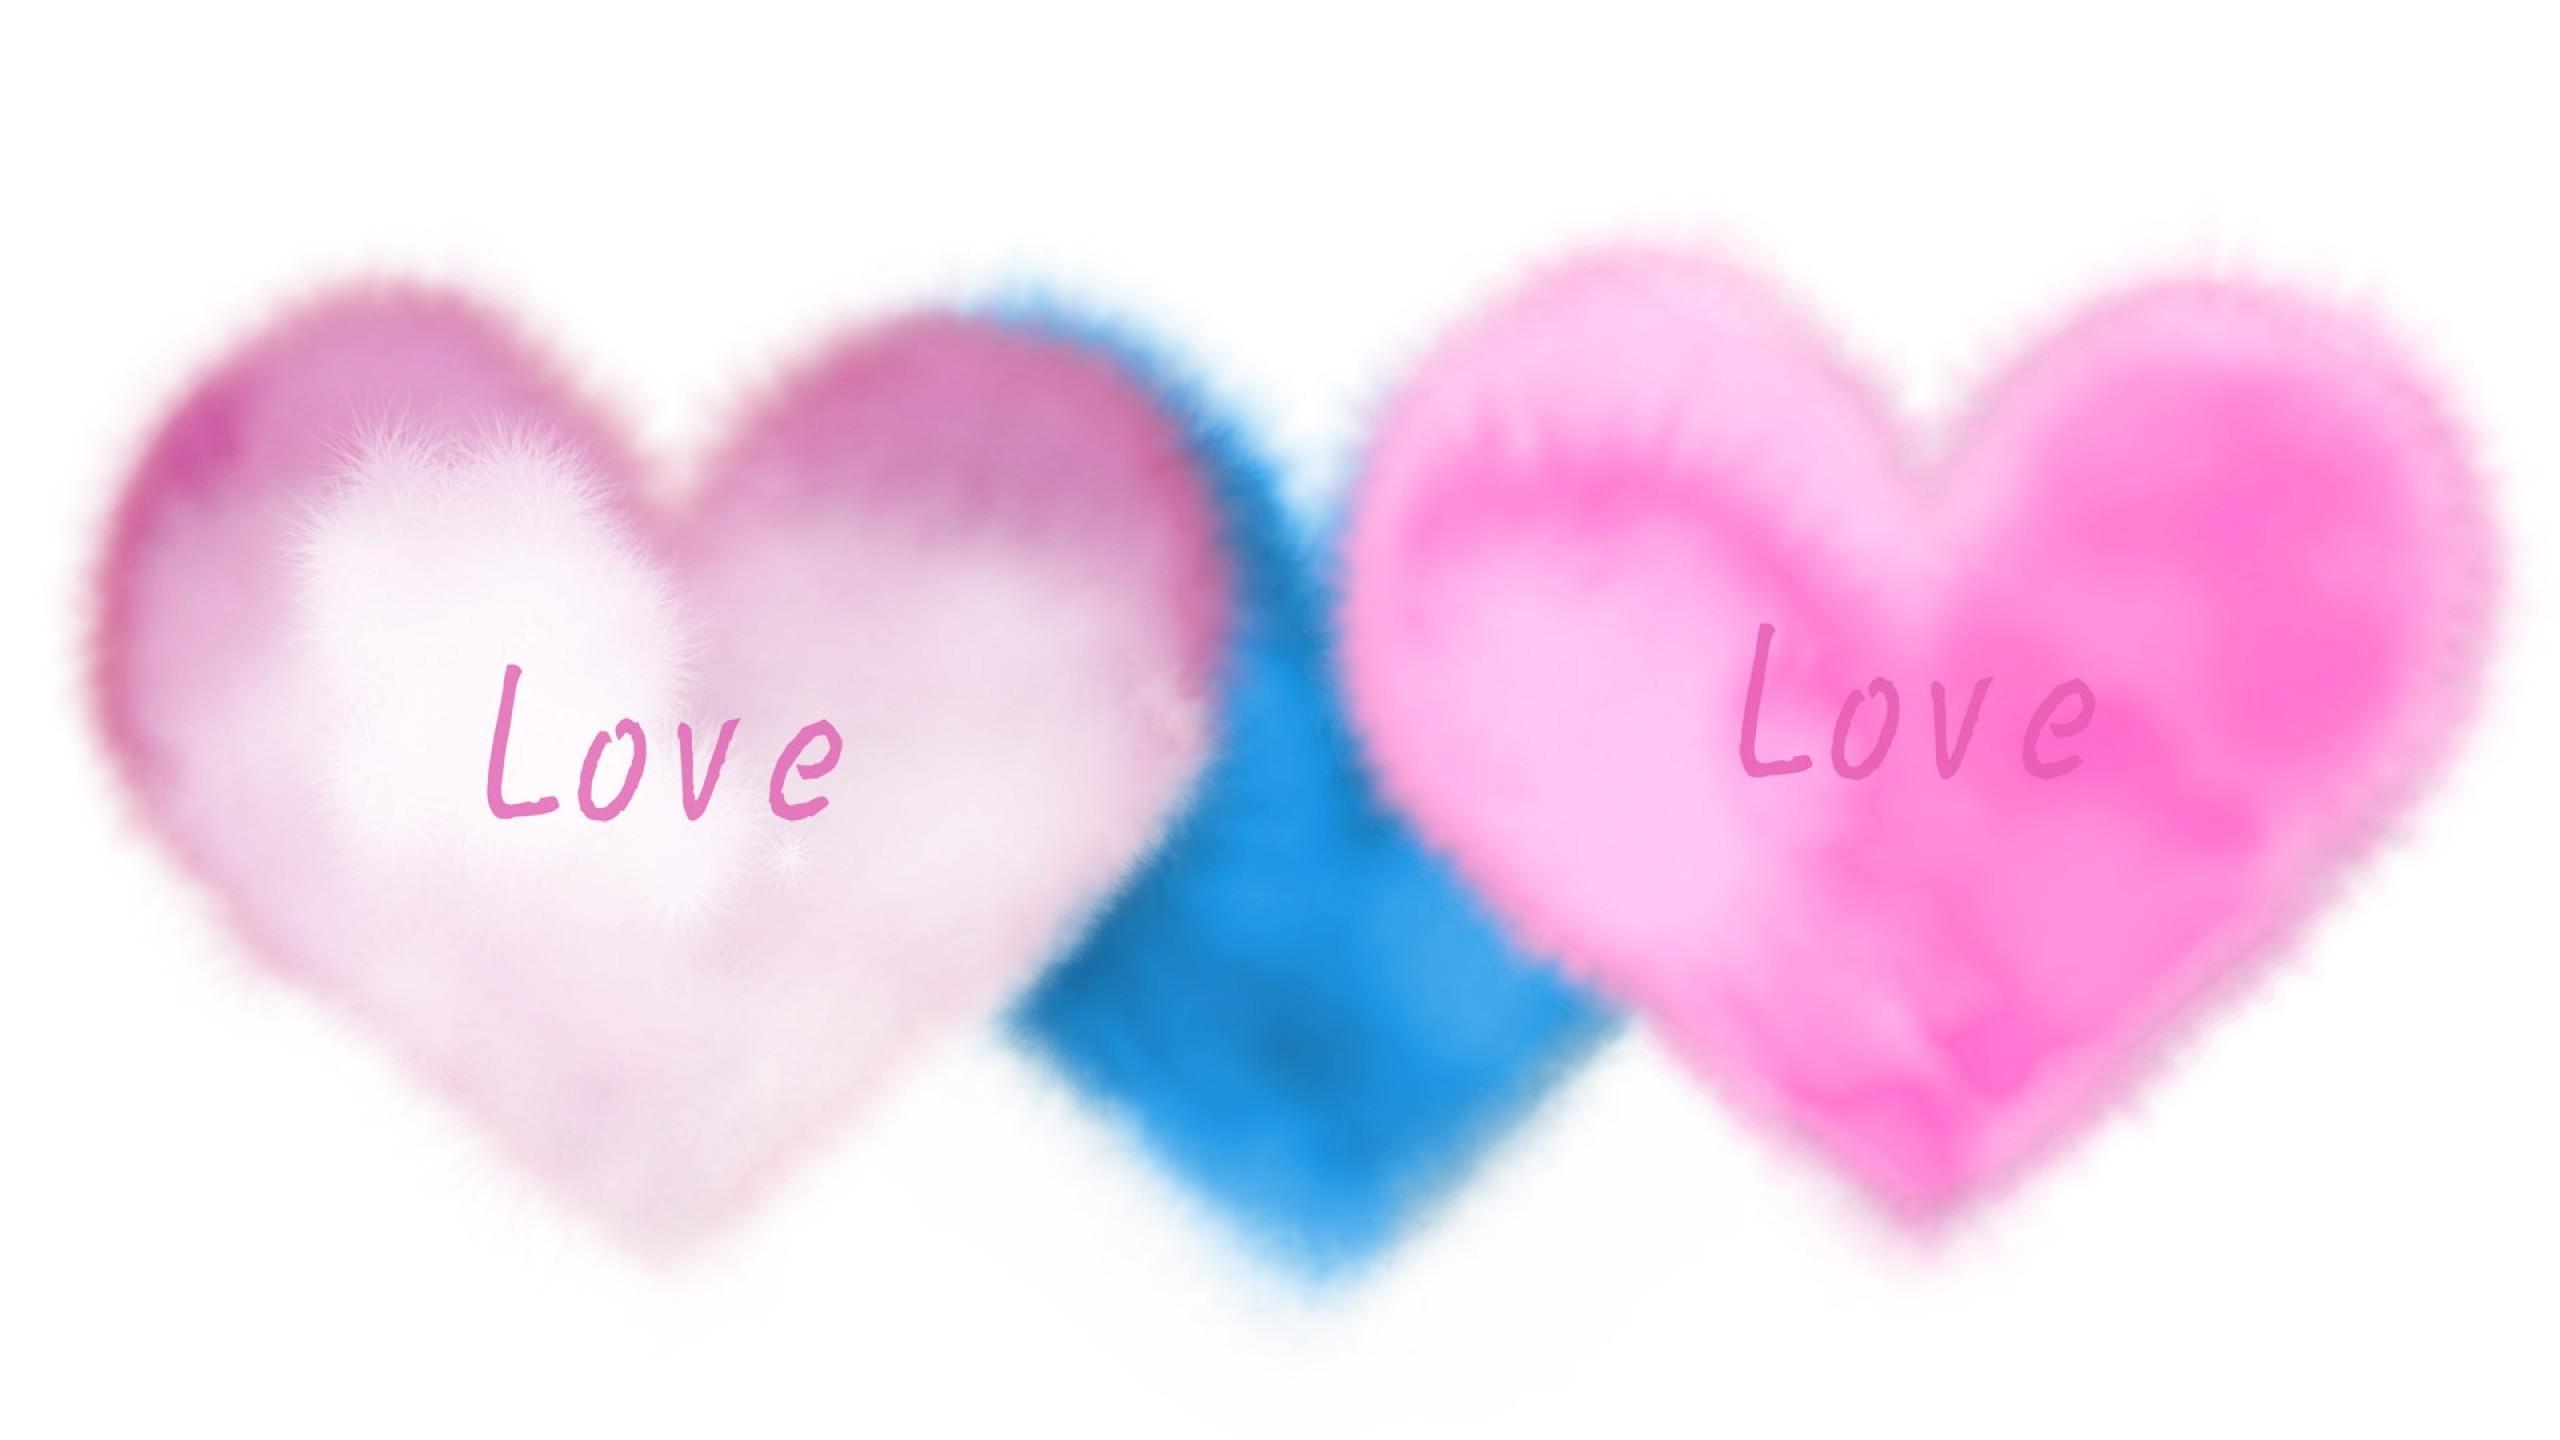 wallpaper: Pink, Heart, Love, Blue, Light wallpaper